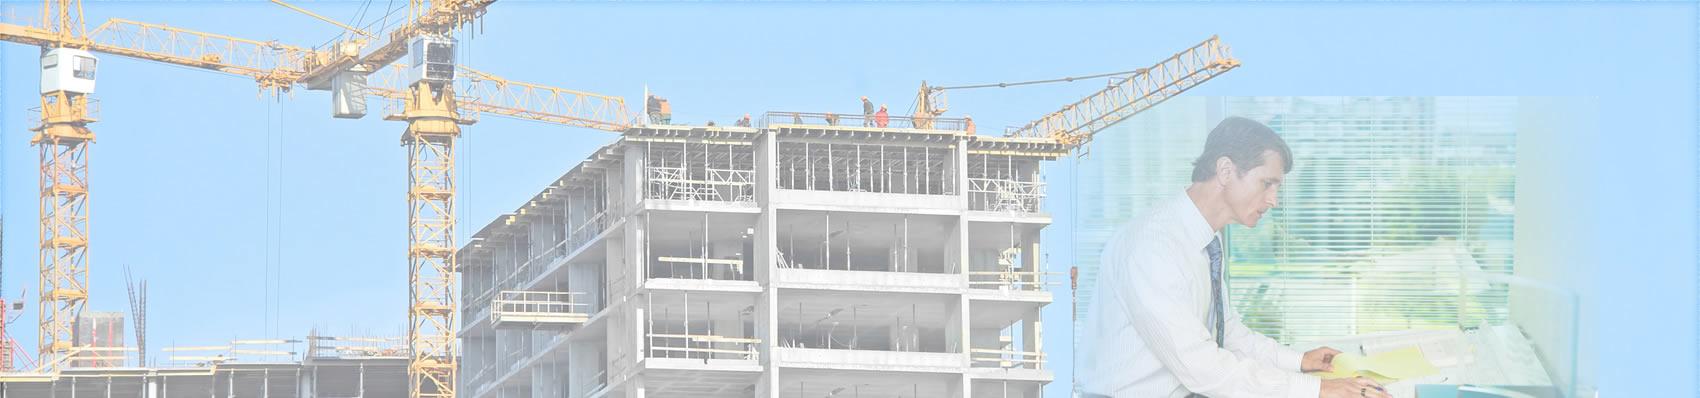 Construction Law Defense Attorneys